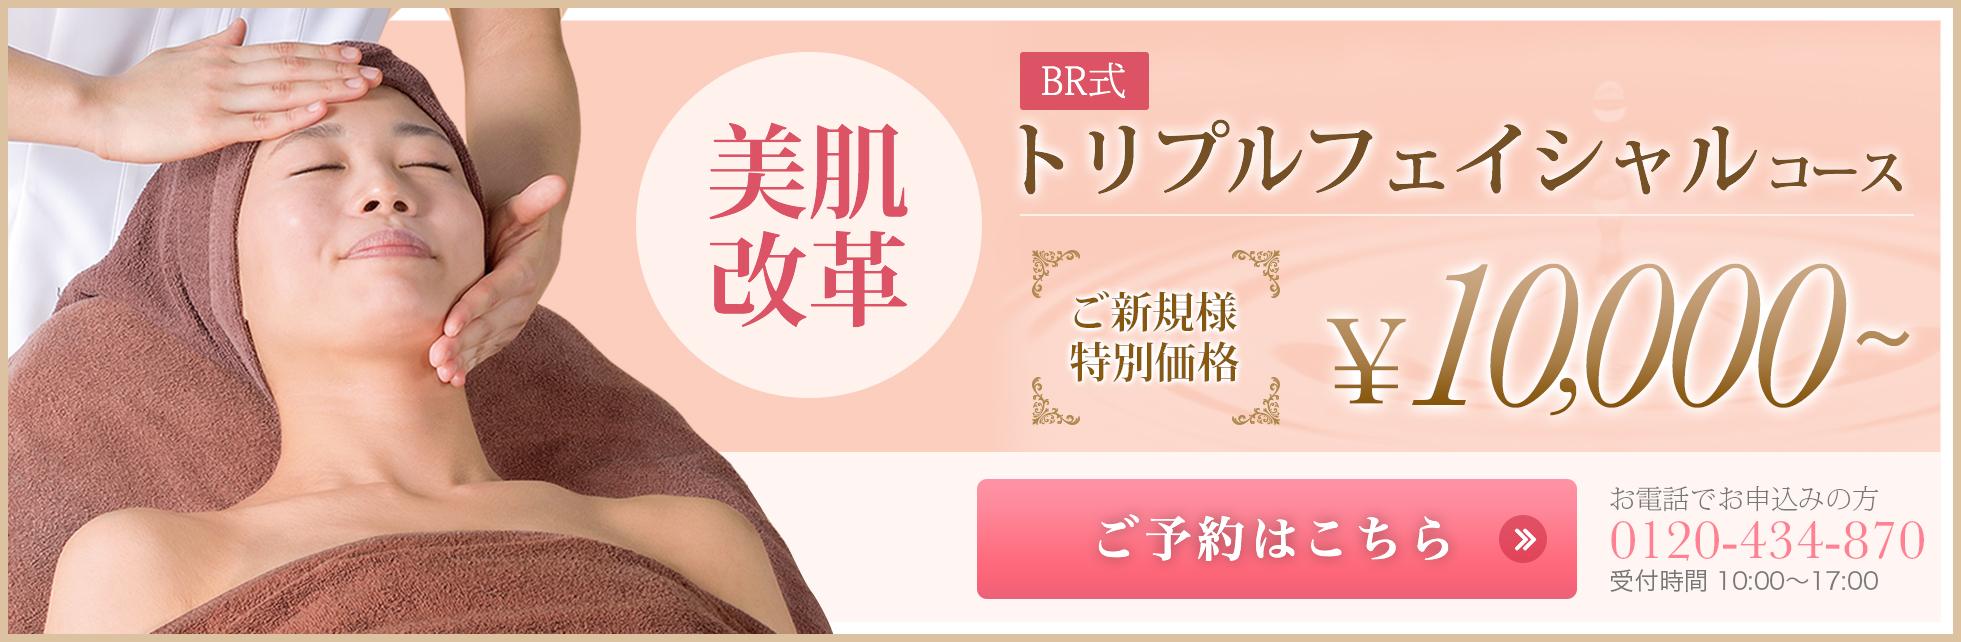 美肌改革BR式トリプルフェイシャルコースご新規様特別価格¥10,000〜